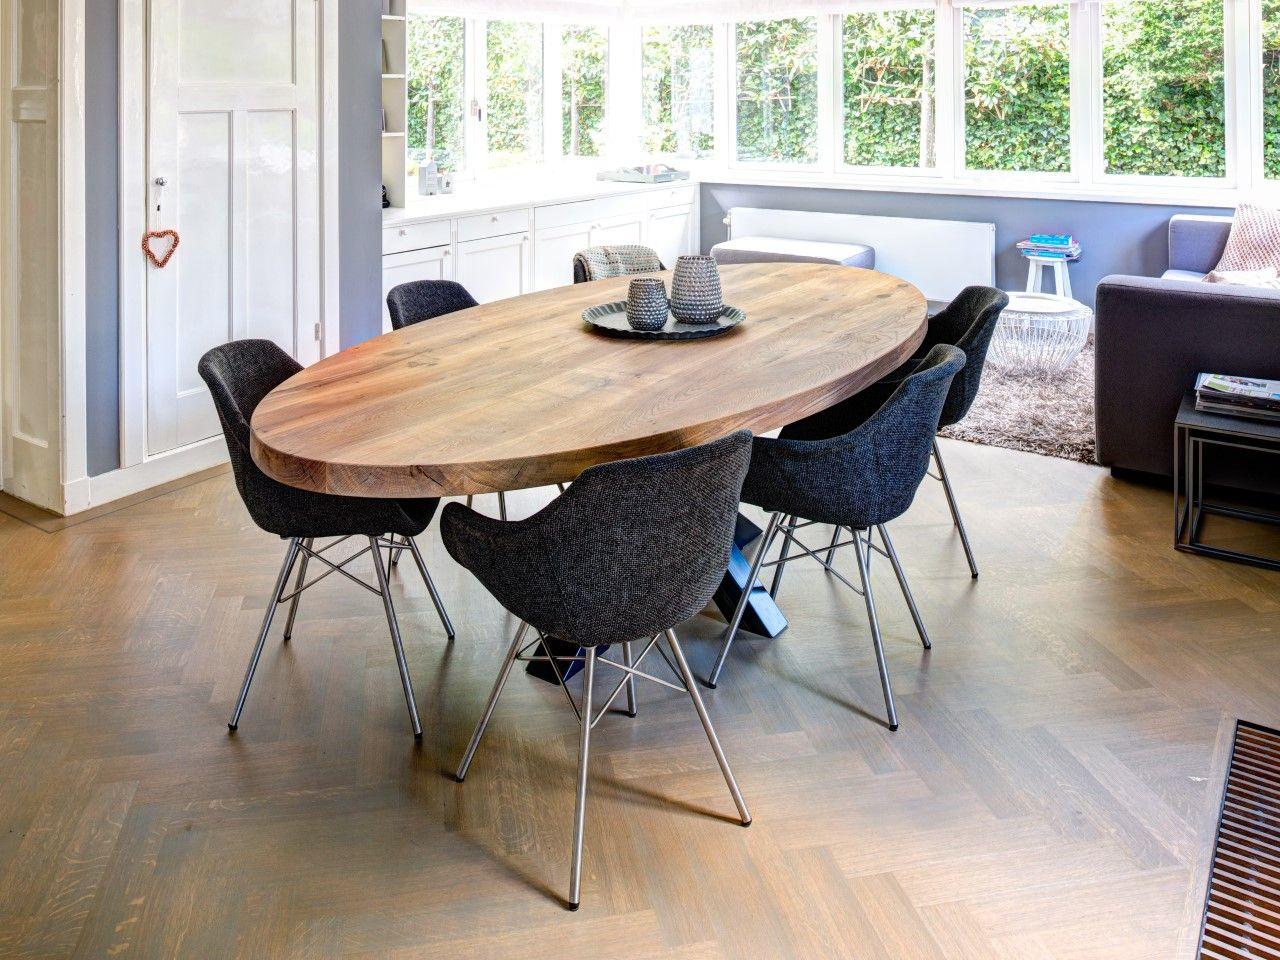 Zwaartafelen i wat een mooie set i massief eiken ovale tafel met